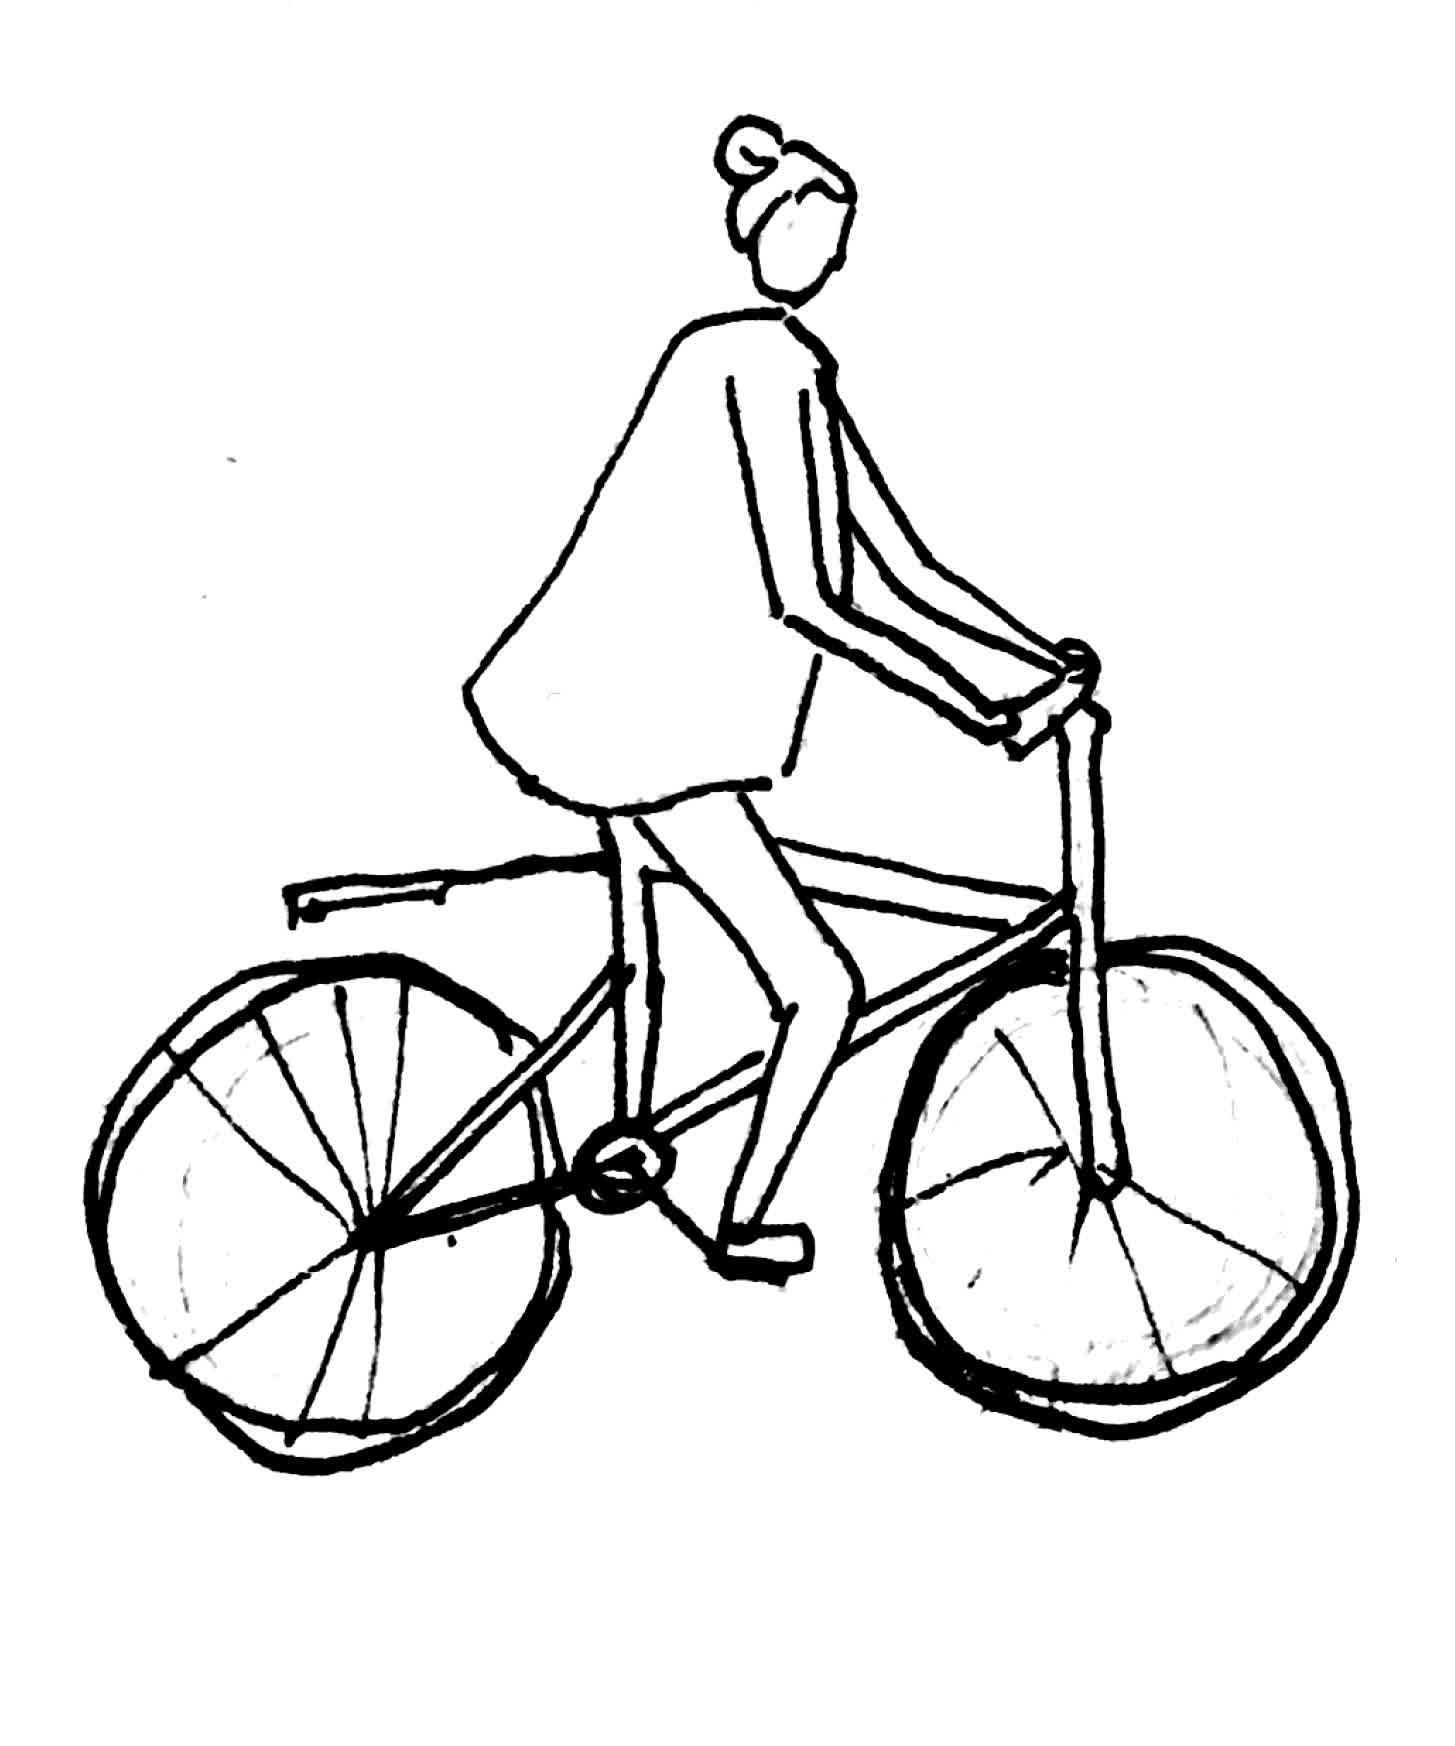 vélo fille 1 GIFs